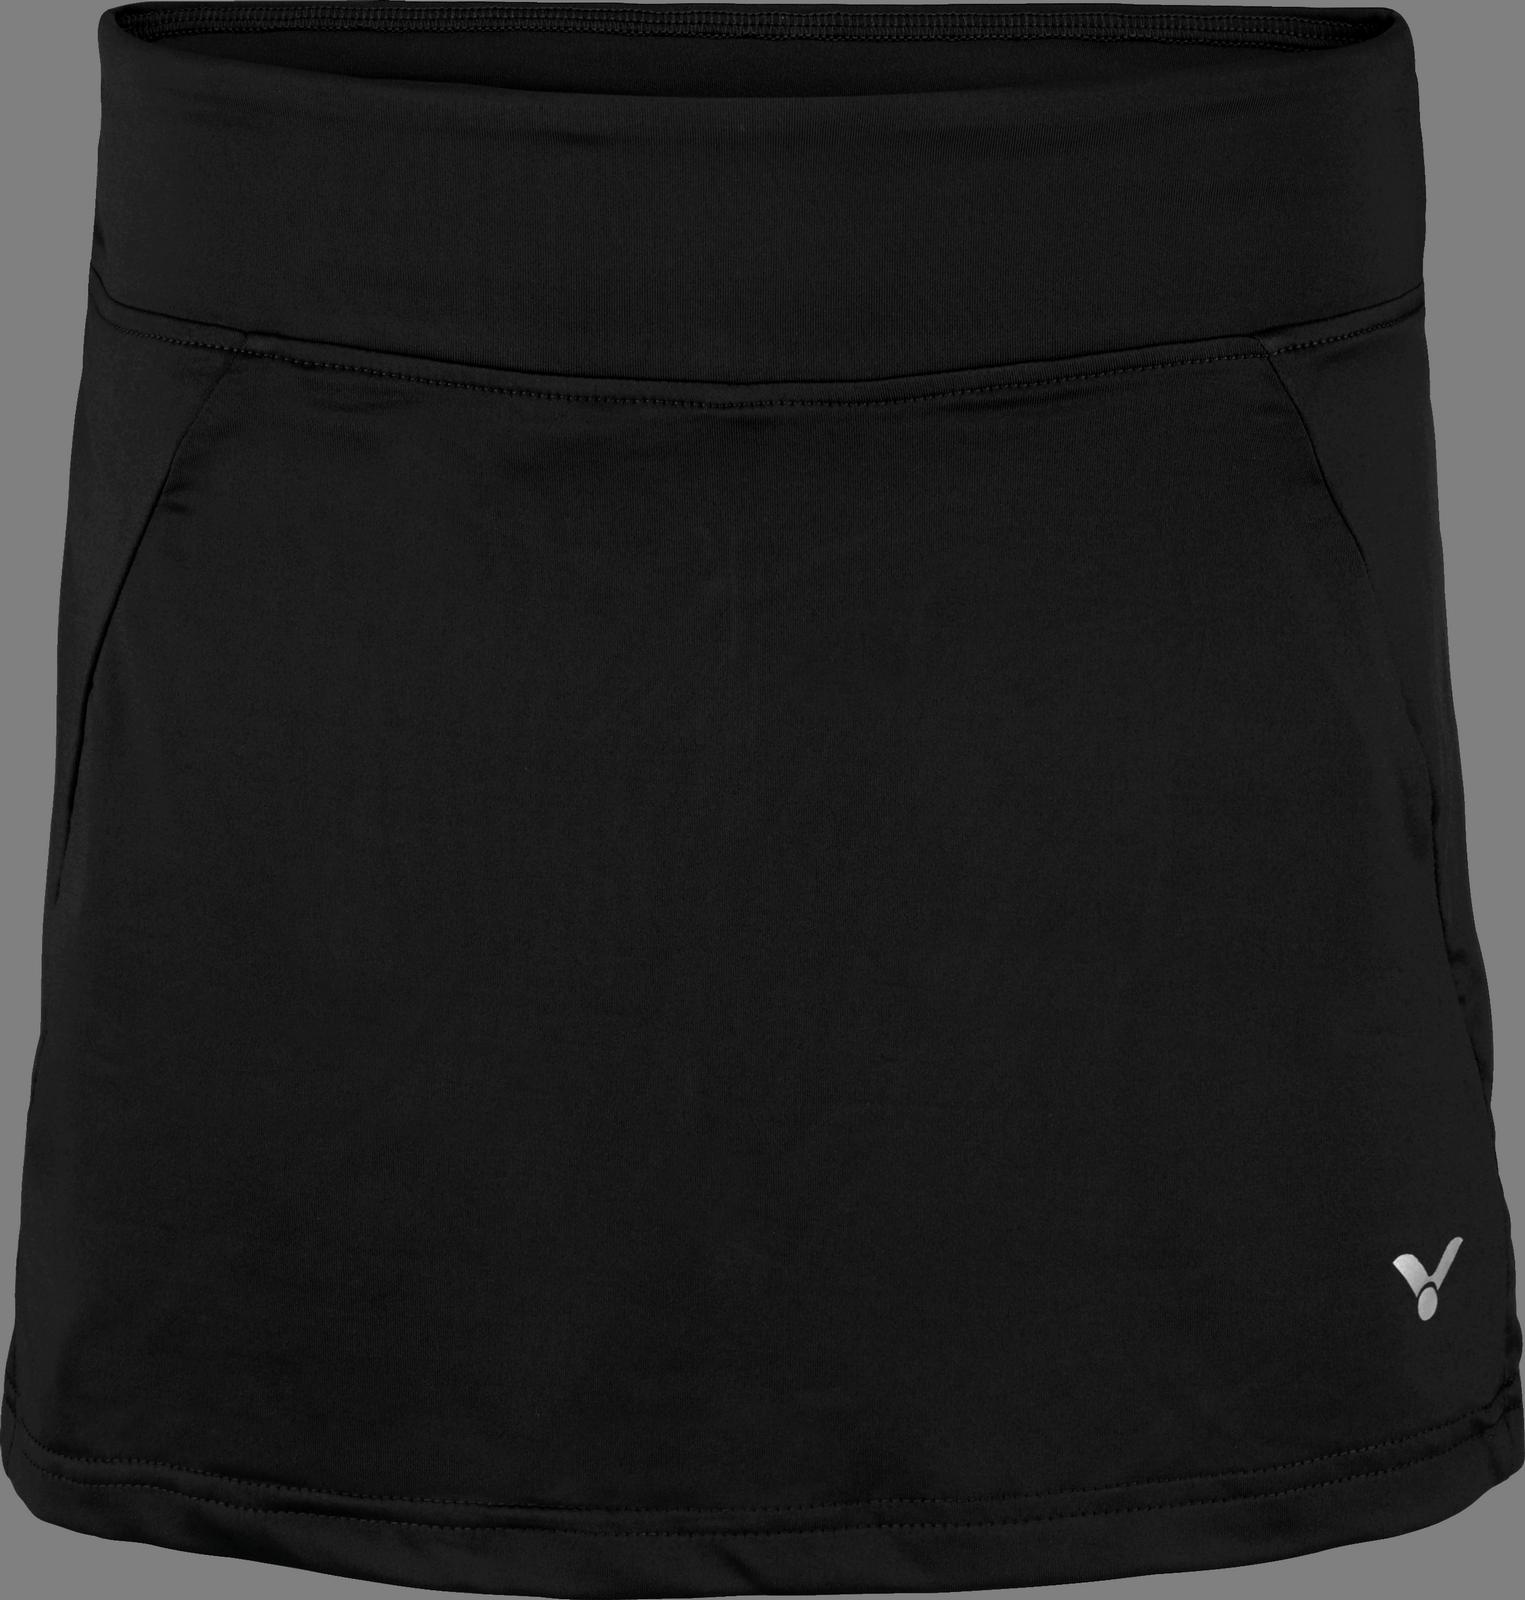 VICTOR Skirt 4188 schwarz